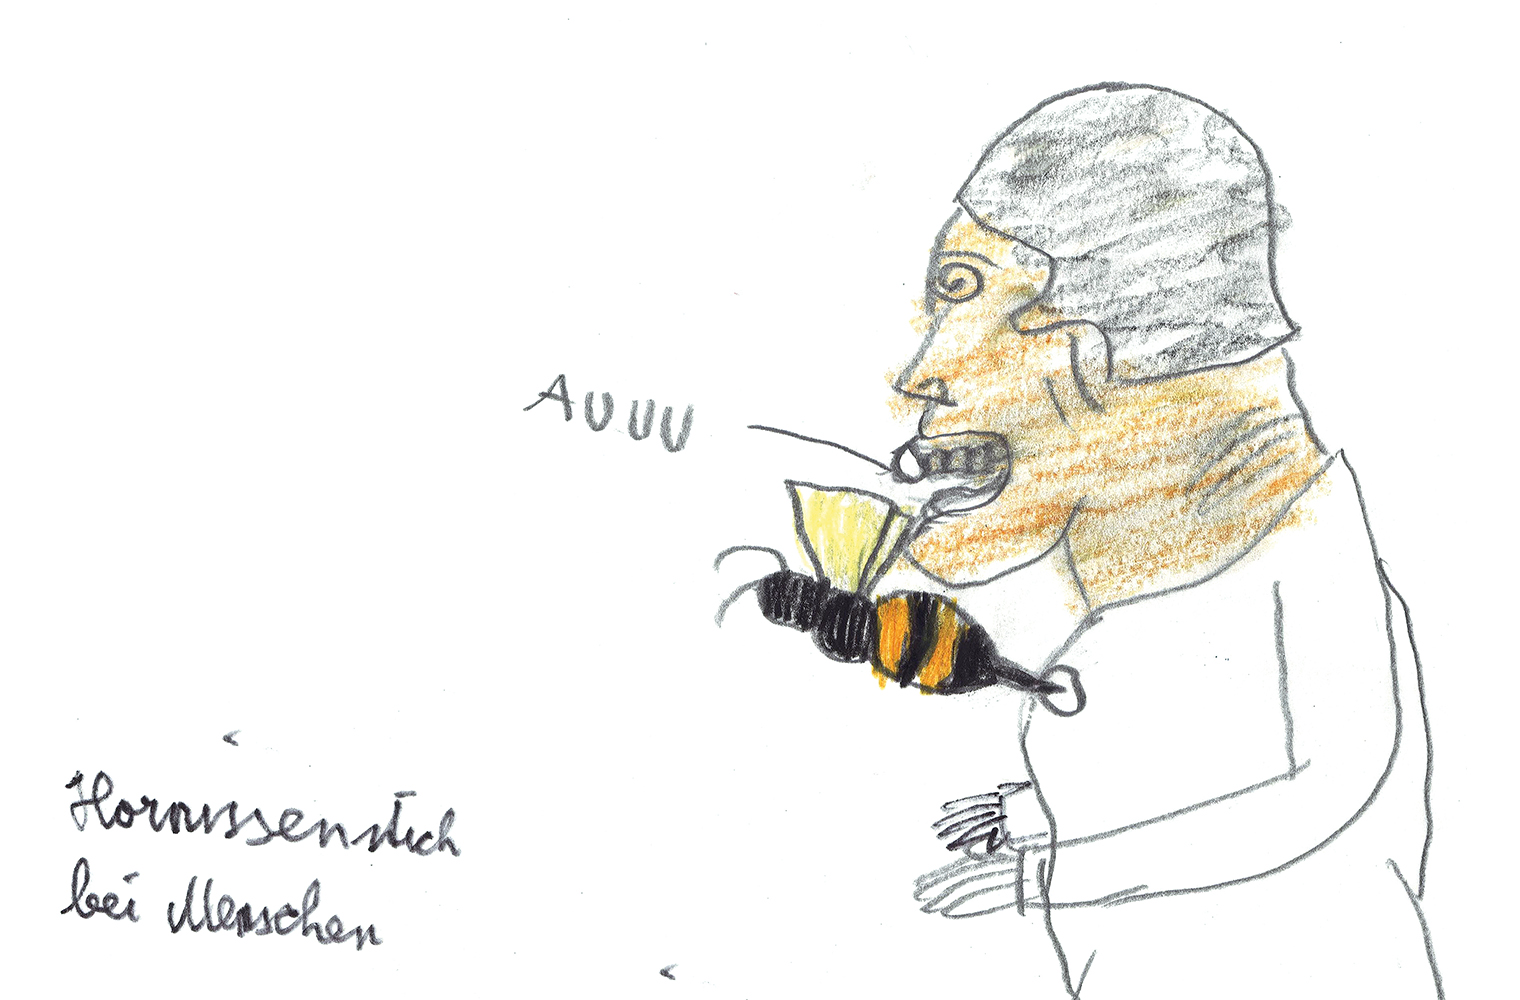 """Die Zeichnung zeigt einen Menschen, der von einer Hornisse in die Brust gestochen wird. Das Wort """"Au"""" und die Schrift """"Hornissenstich bei Menschen""""..."""